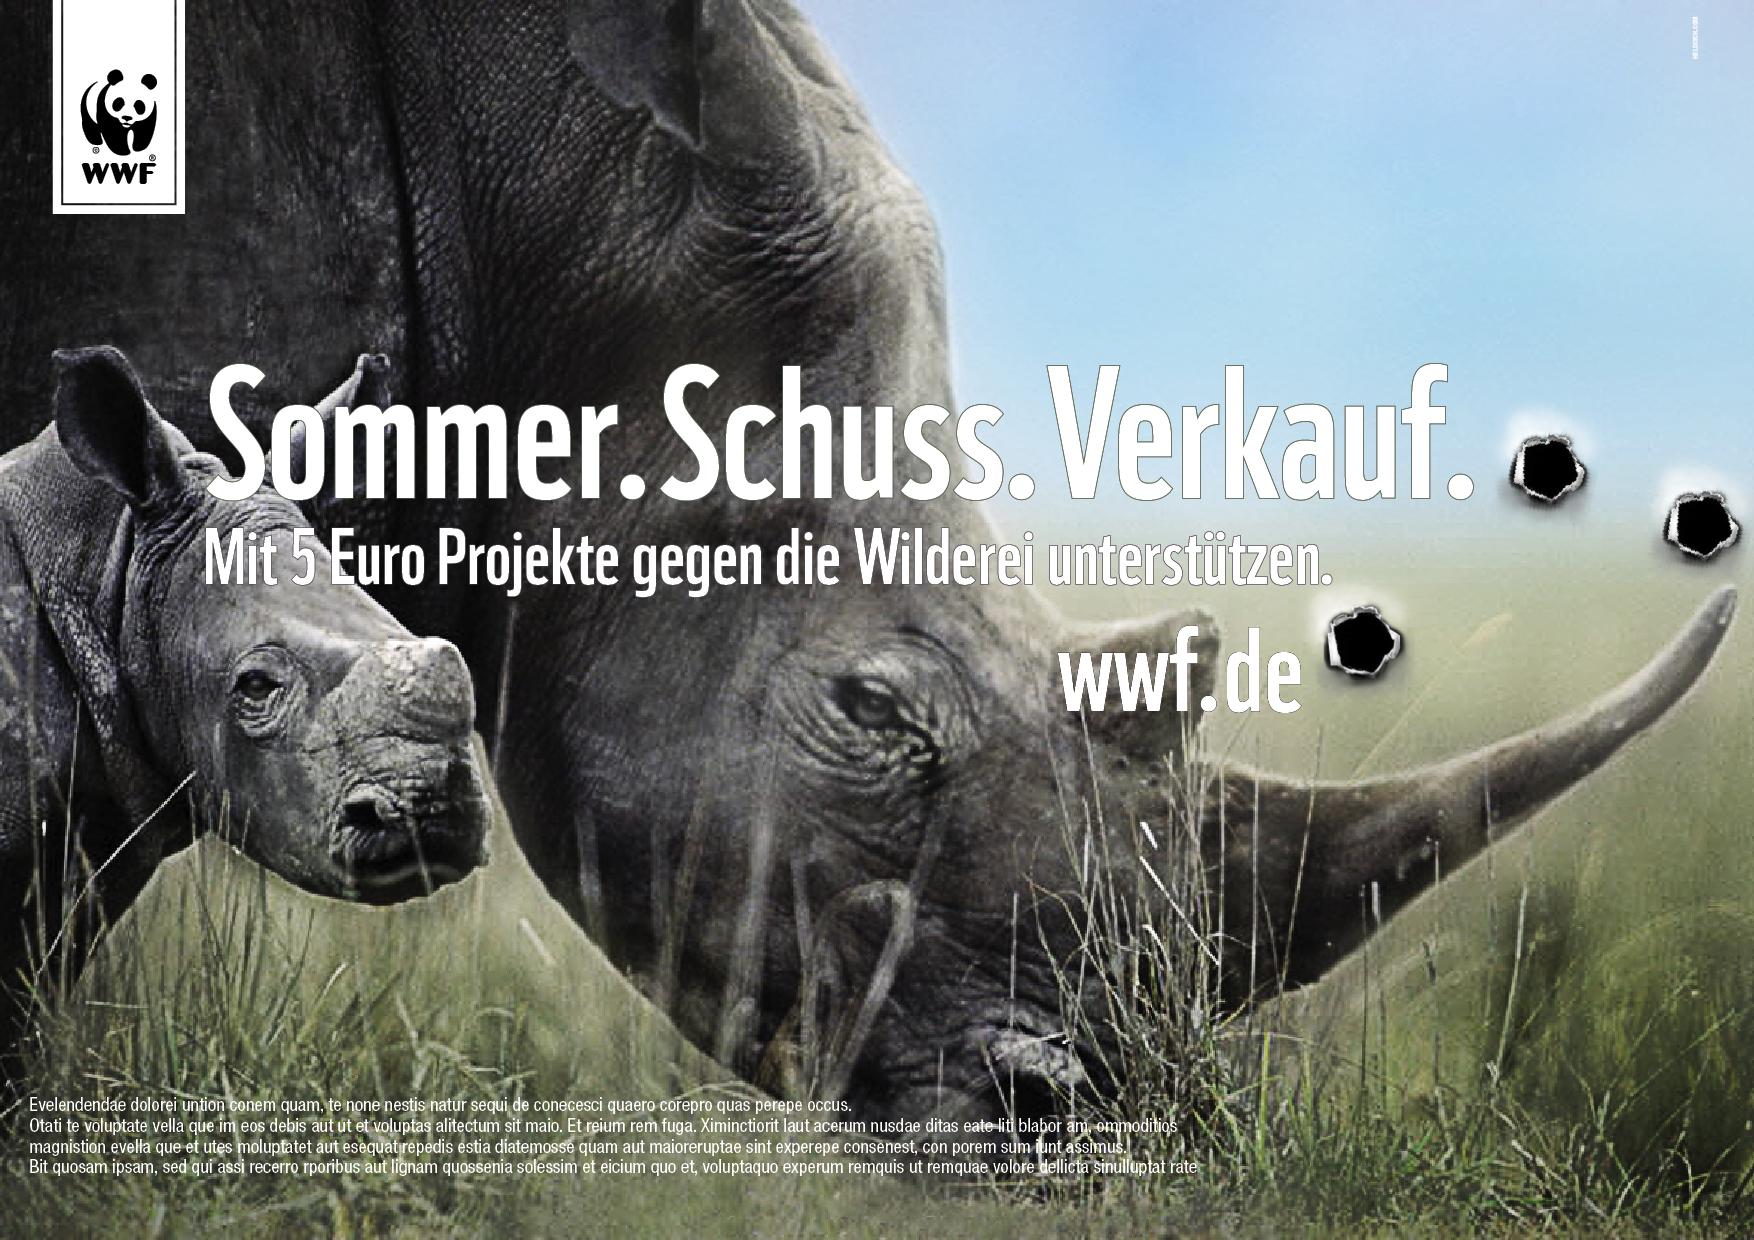 WWF_Bilder16